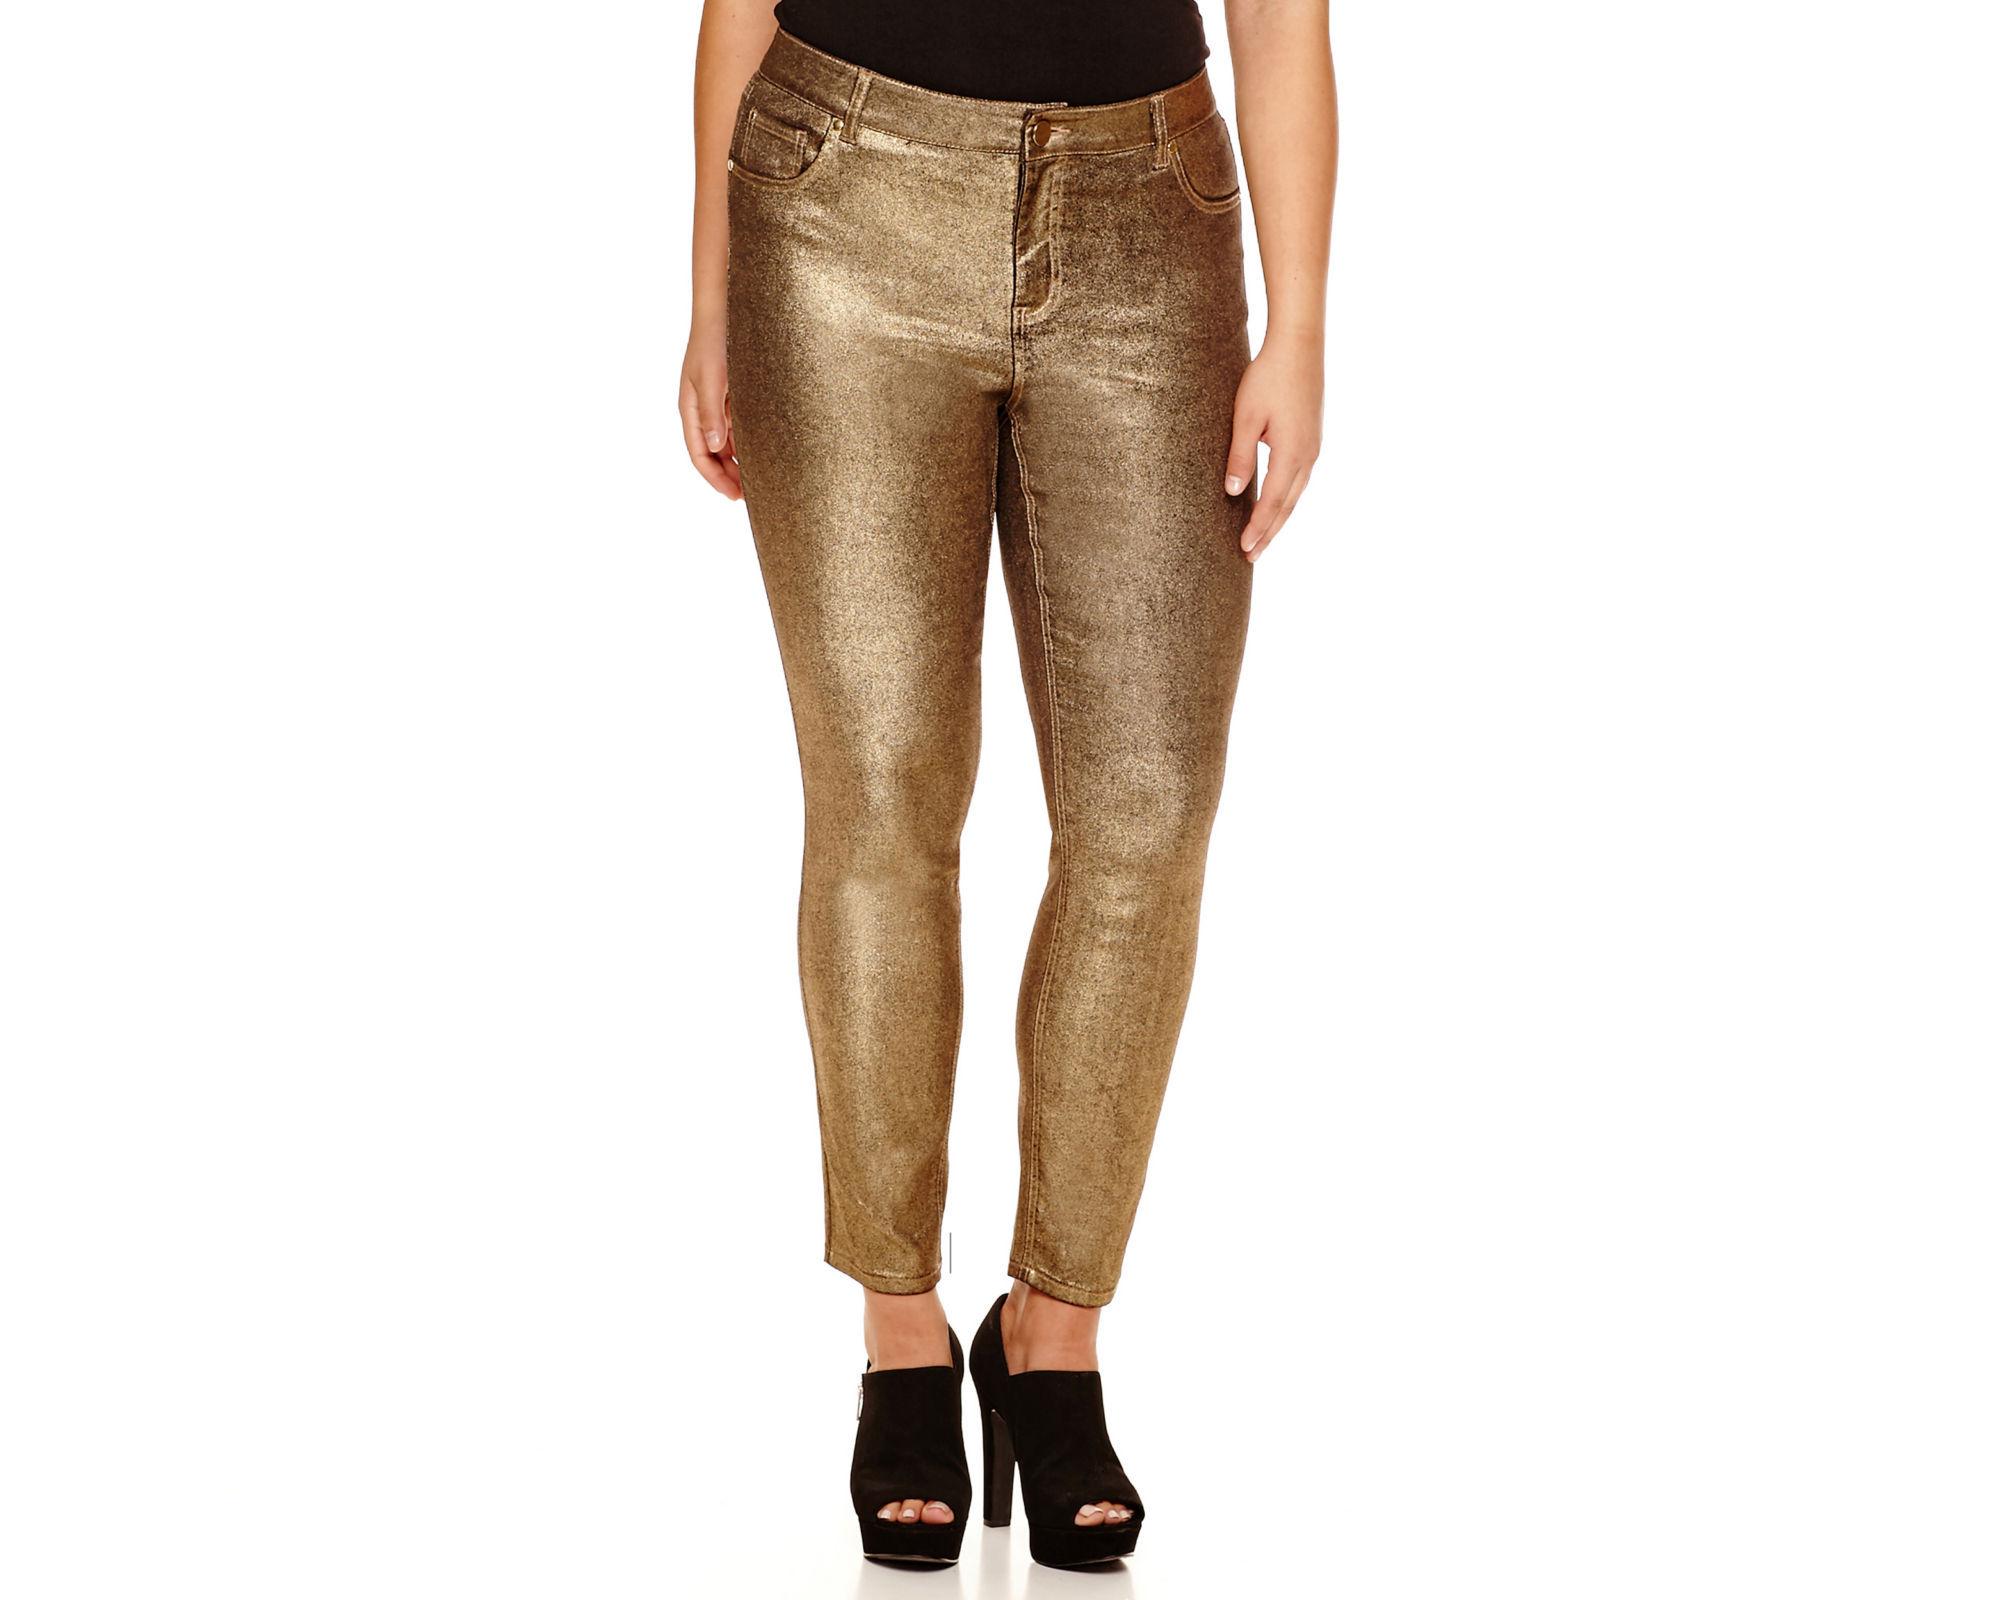 Bisou Bisou 5-Pocket Foiled Jeans - Plus